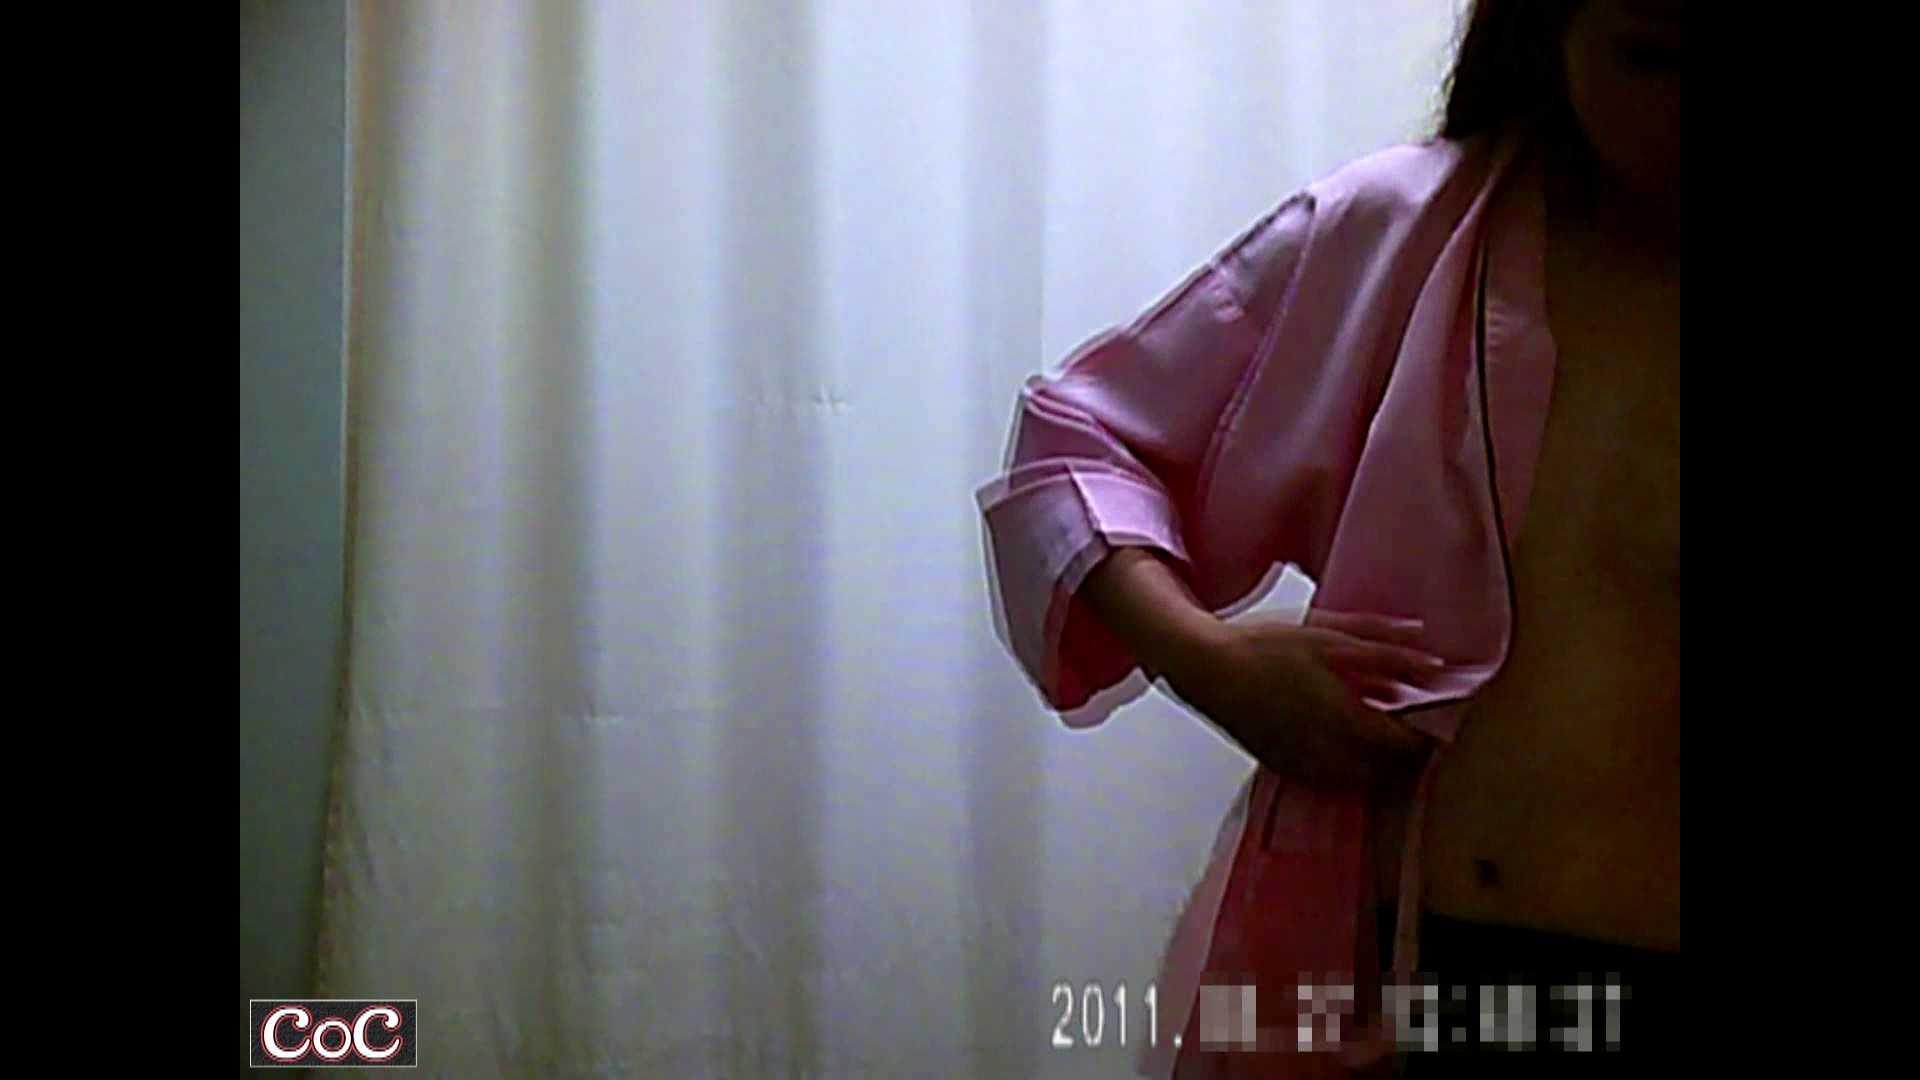 病院おもいっきり着替え! vol.18 乳首 隠し撮りオマンコ動画紹介 101連発 82